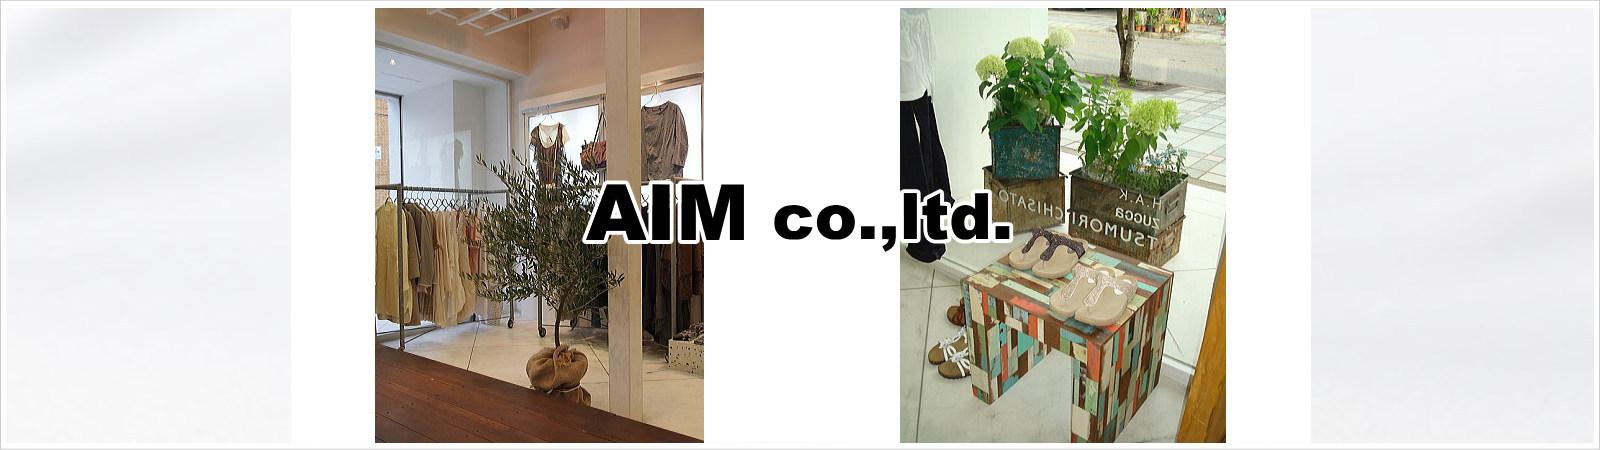 有限会社AIM(アイム)|愛知県岡崎市を拠点にファッションブランド商品の販売及び通信販売をしています。